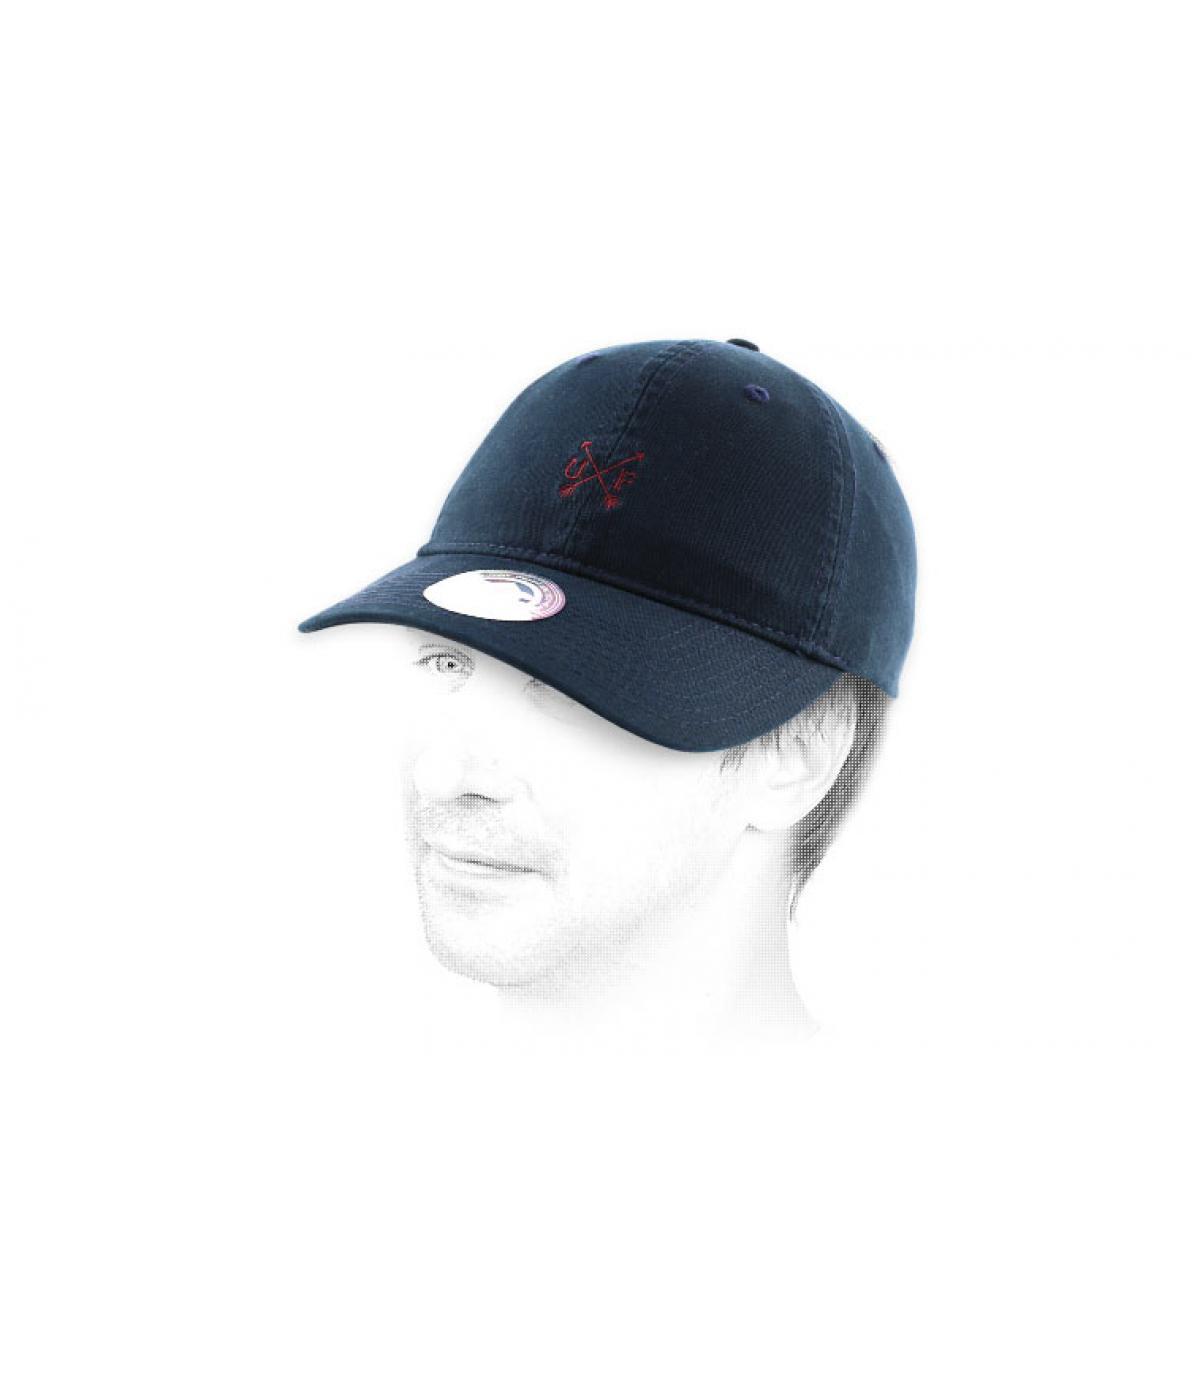 Dettagli Cappellino Wingate navy - image 5